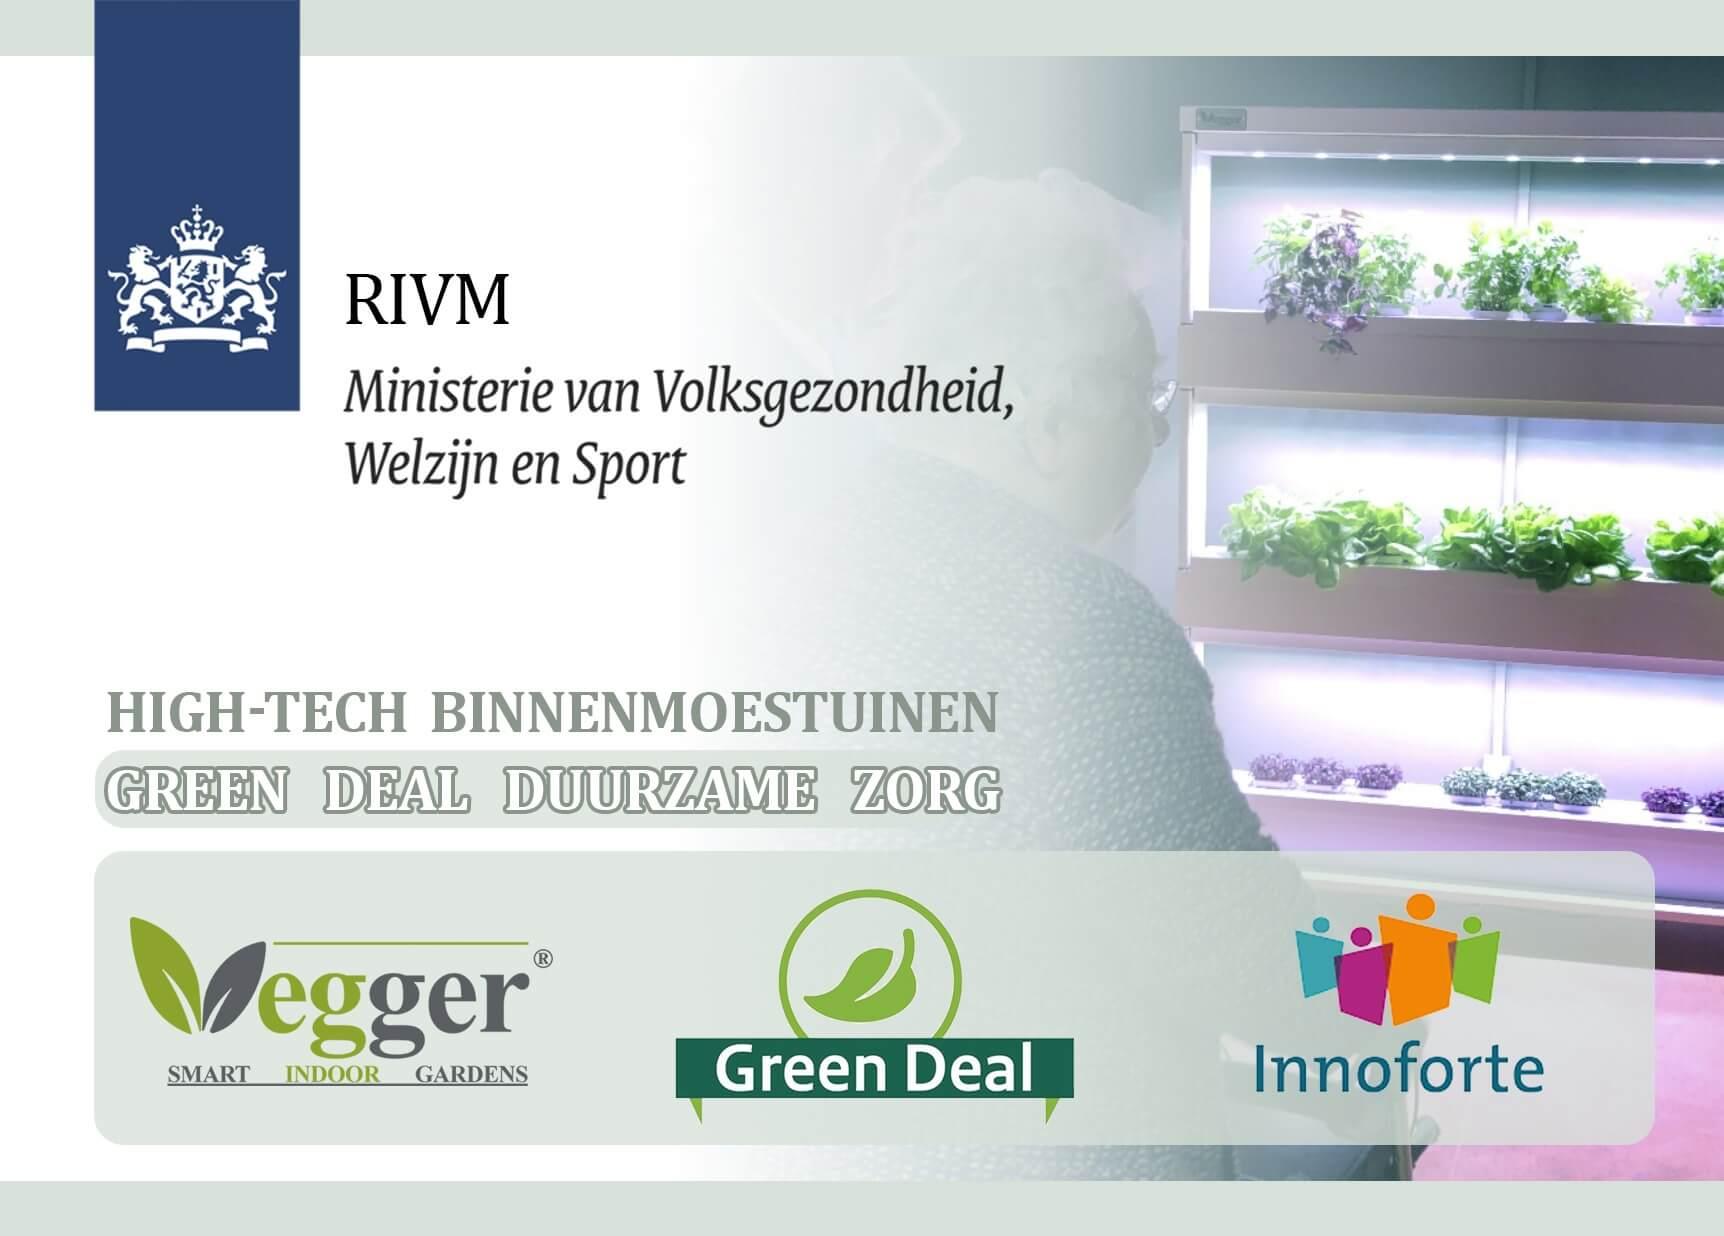 Vegger RIVM 3